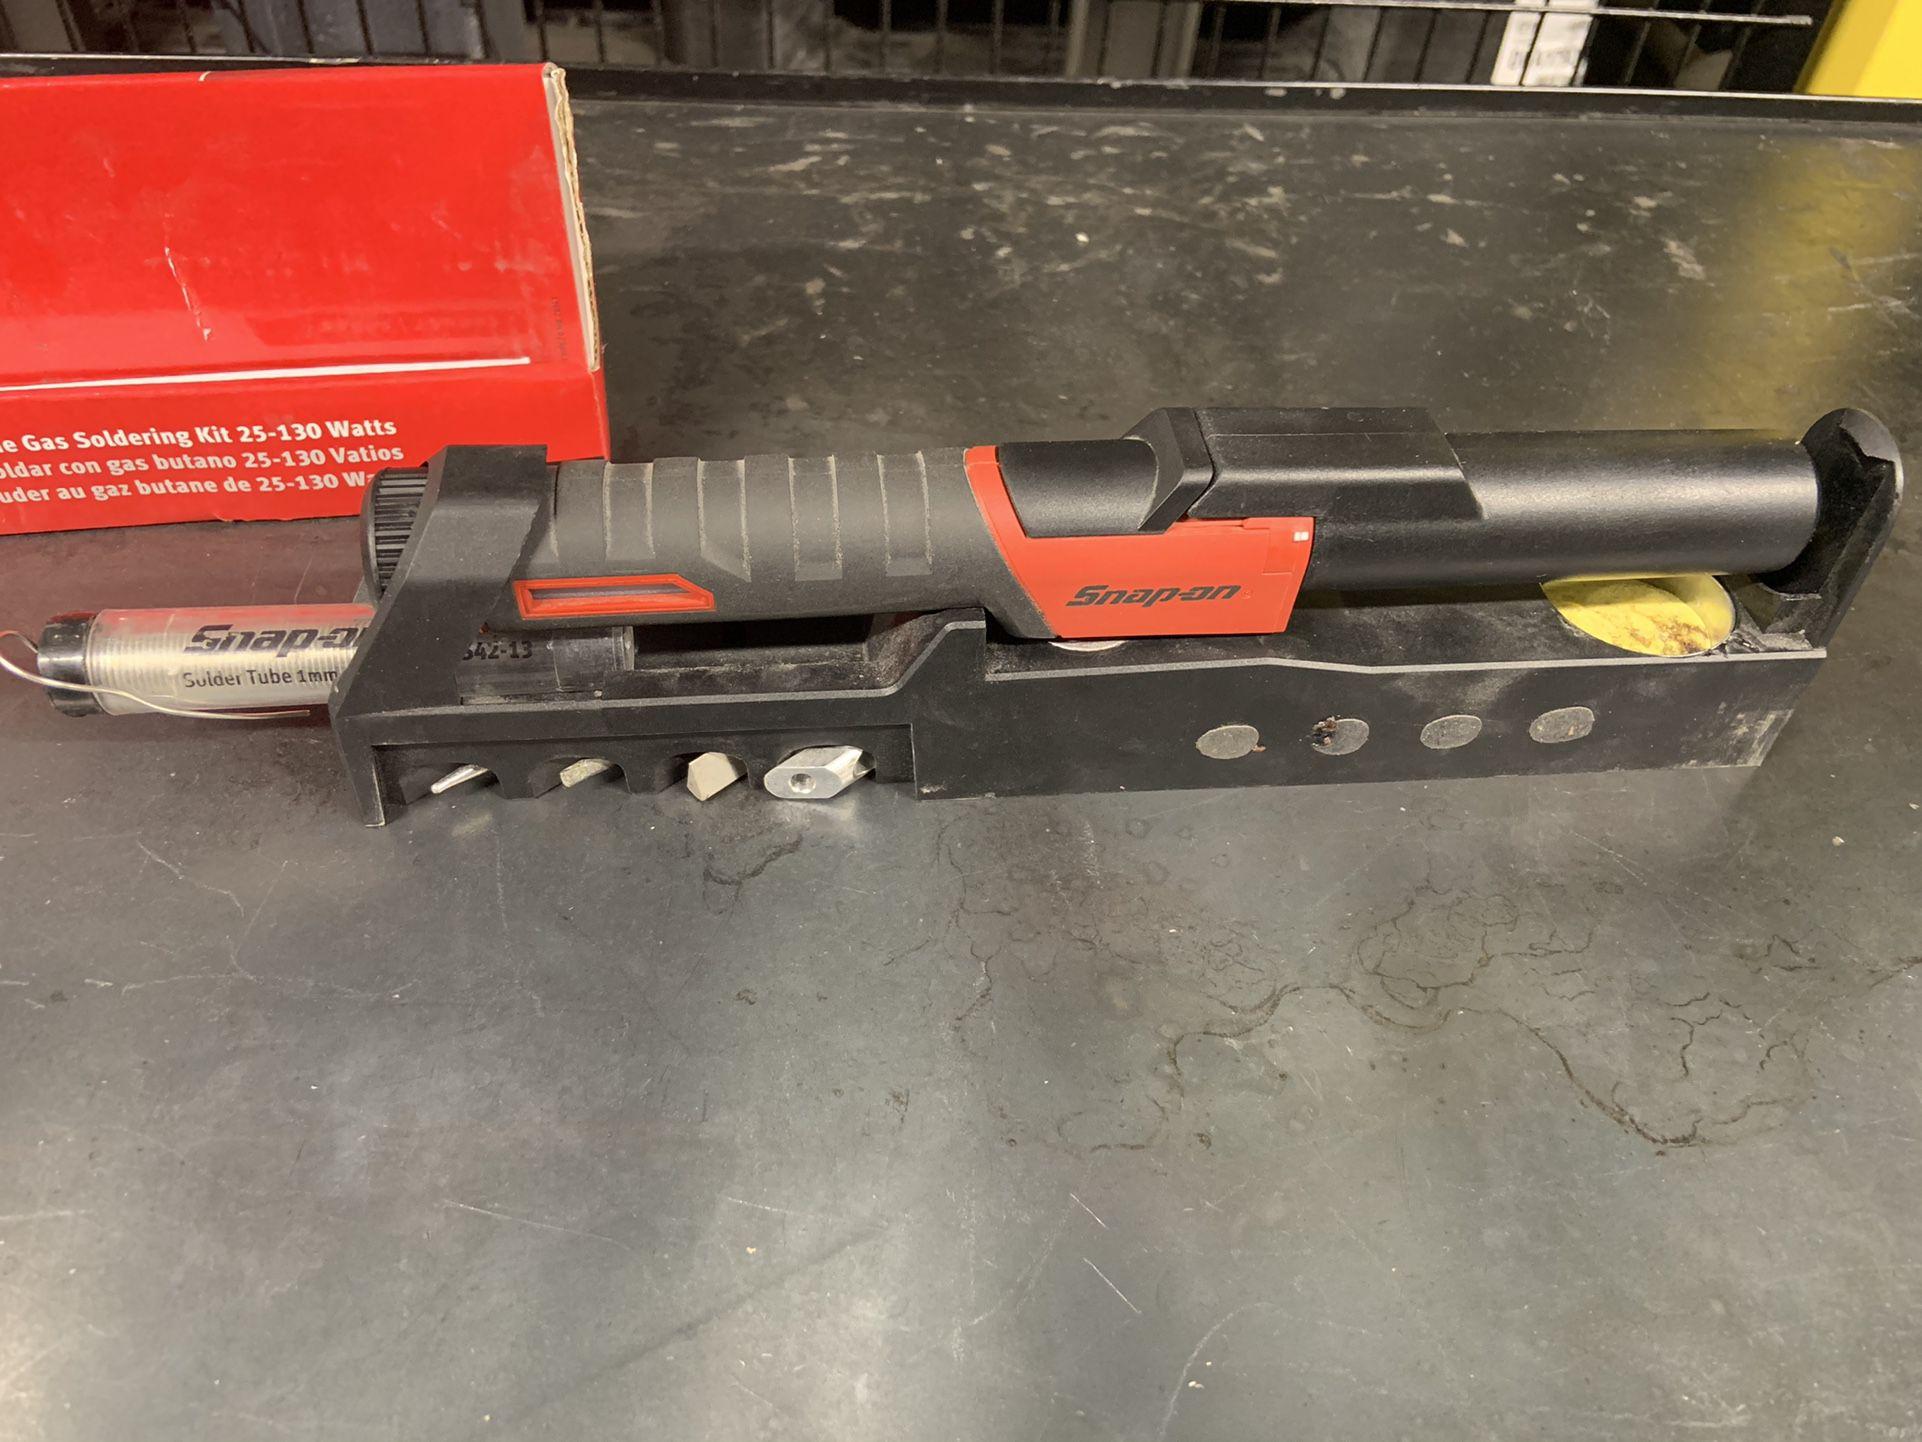 Butane Gas Soldering Iron Kit (25–130 W) (Red)